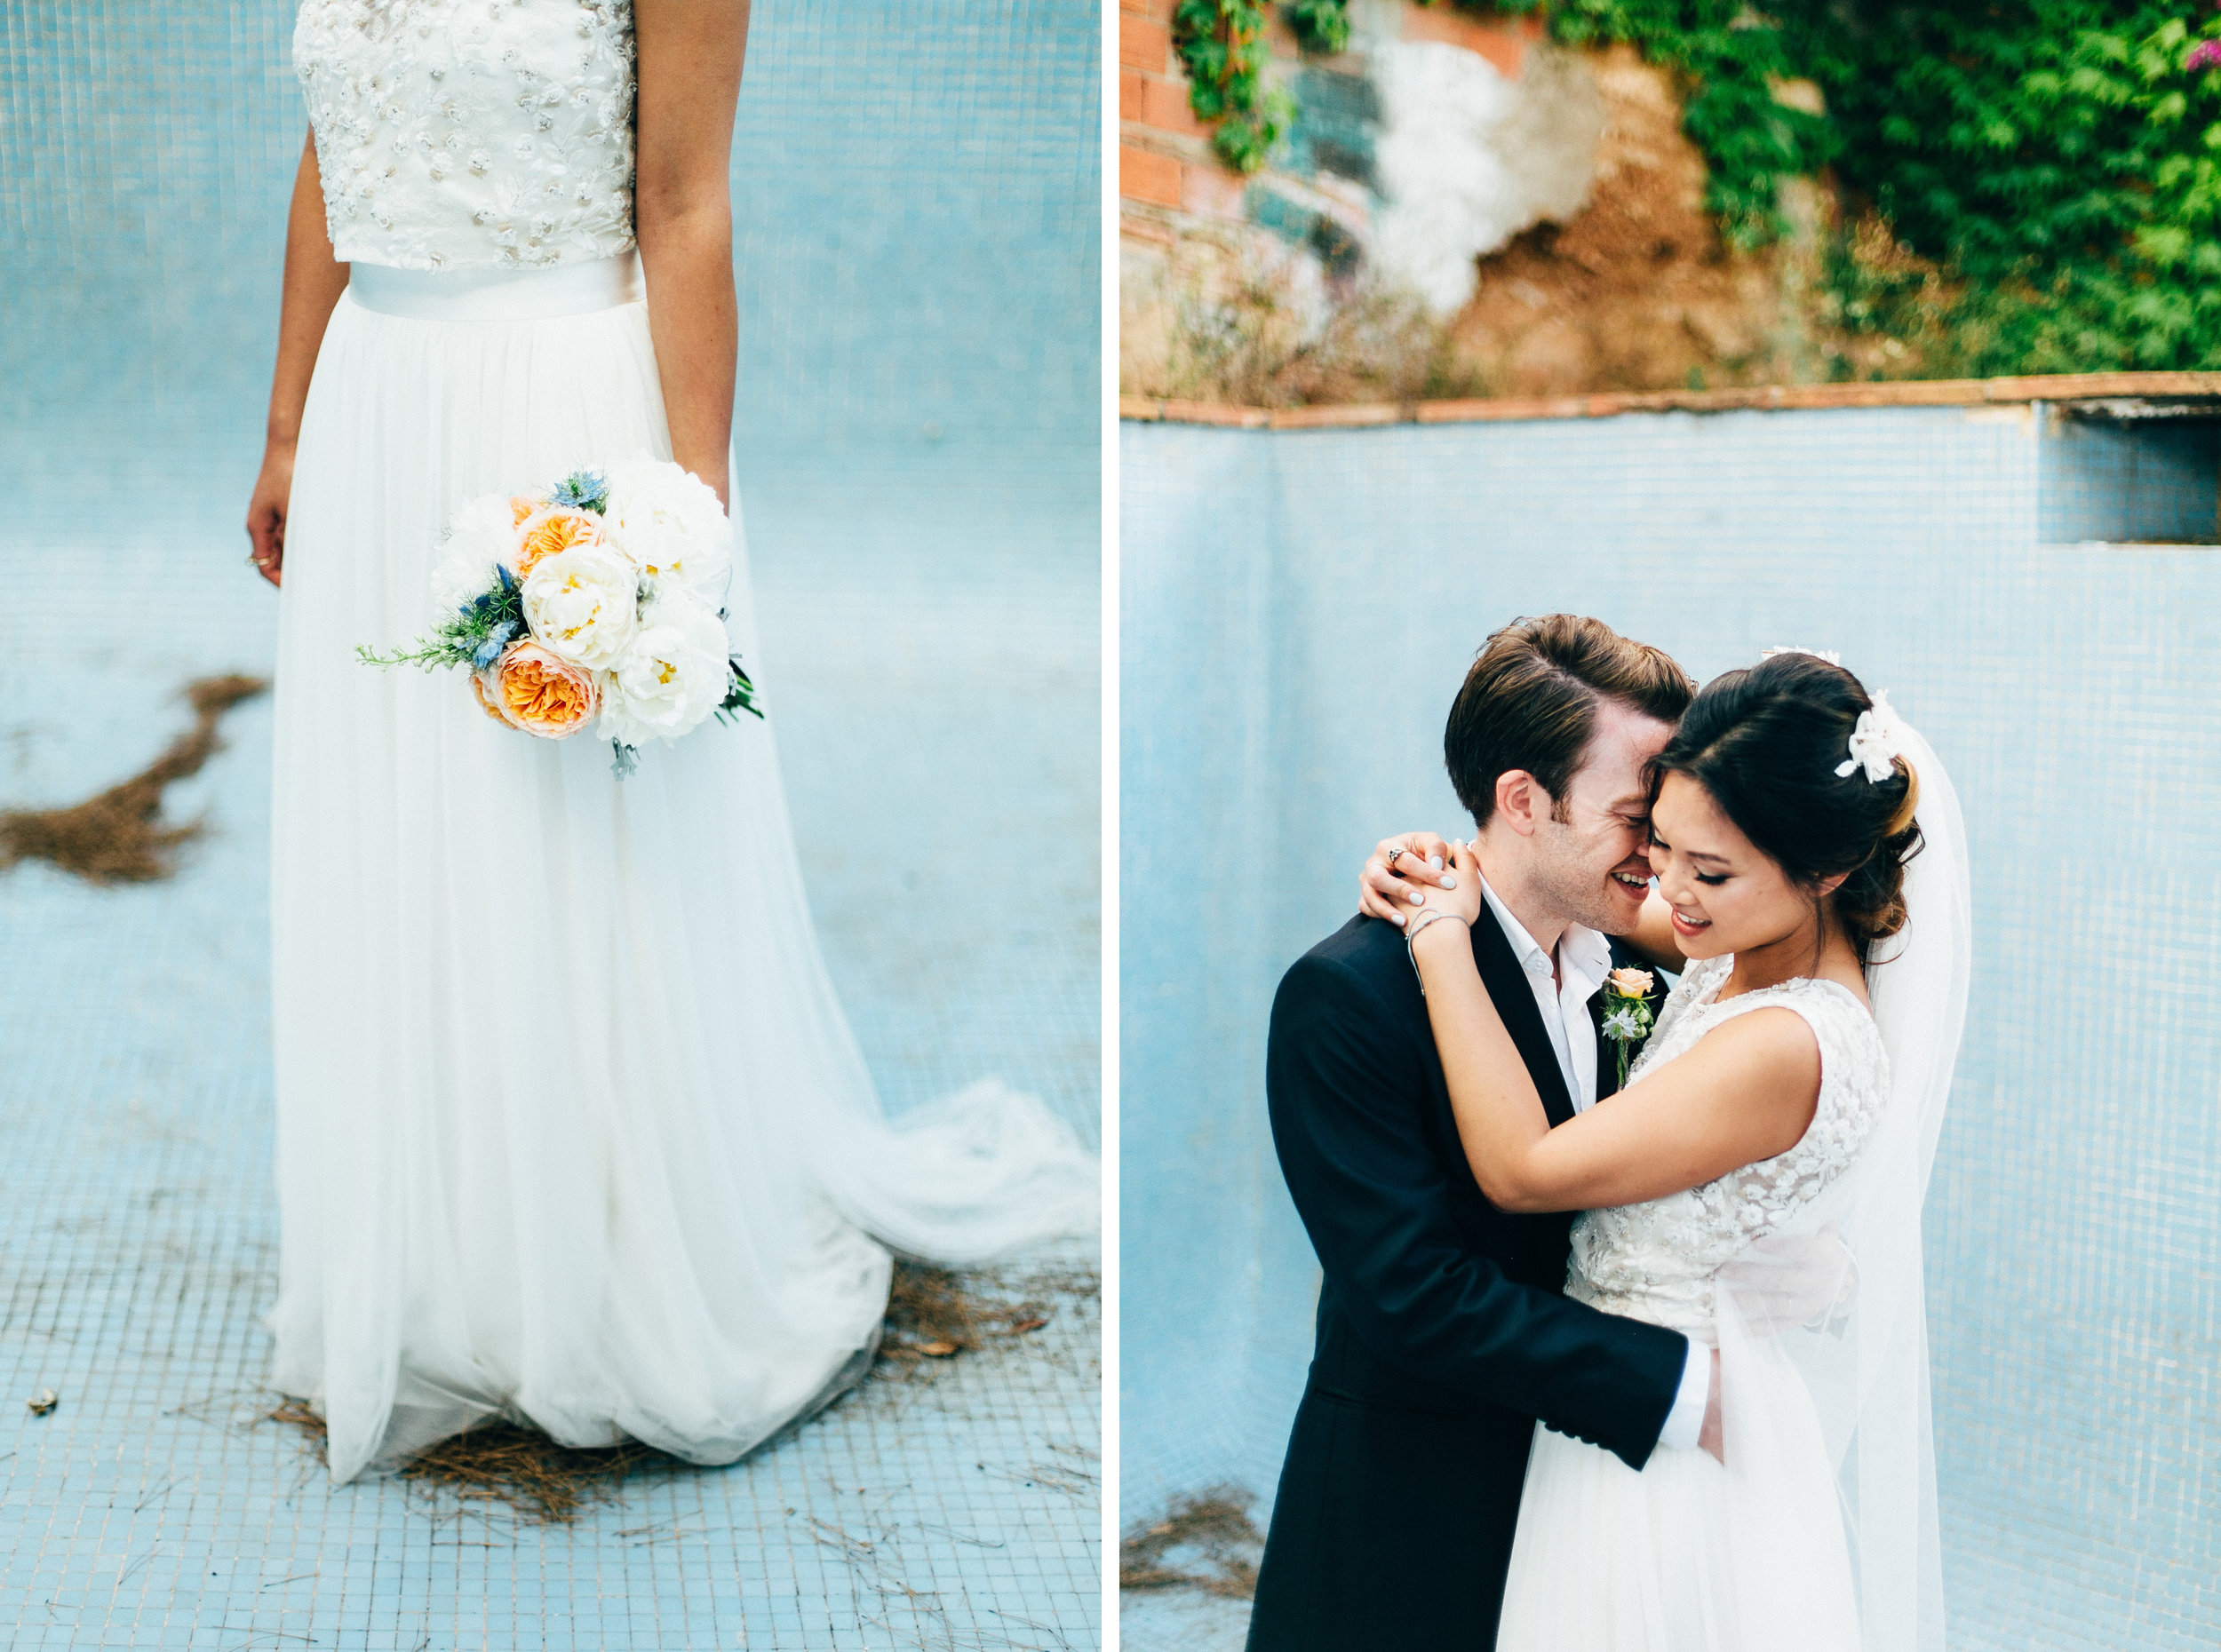 fotografos_boda_wedding_barcelona_valencia099copia.jpg